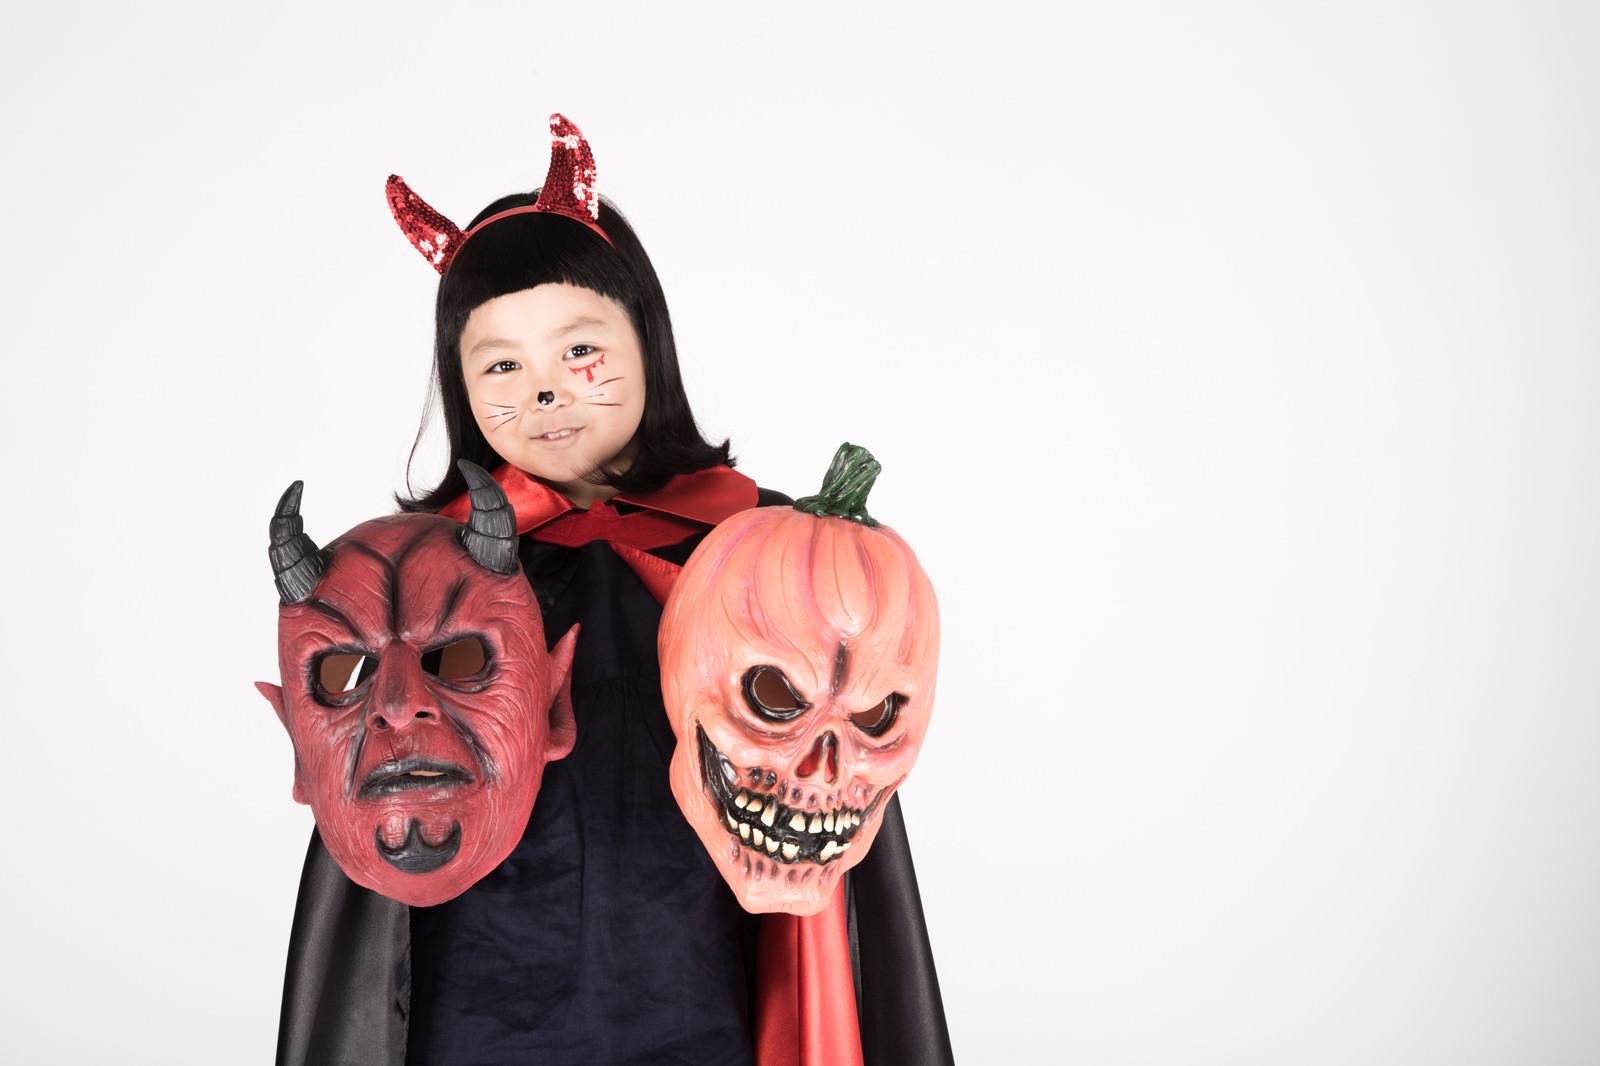 「あなたが落としたハロウィン用マスクはどっち?」の写真[モデル:ゆうき]